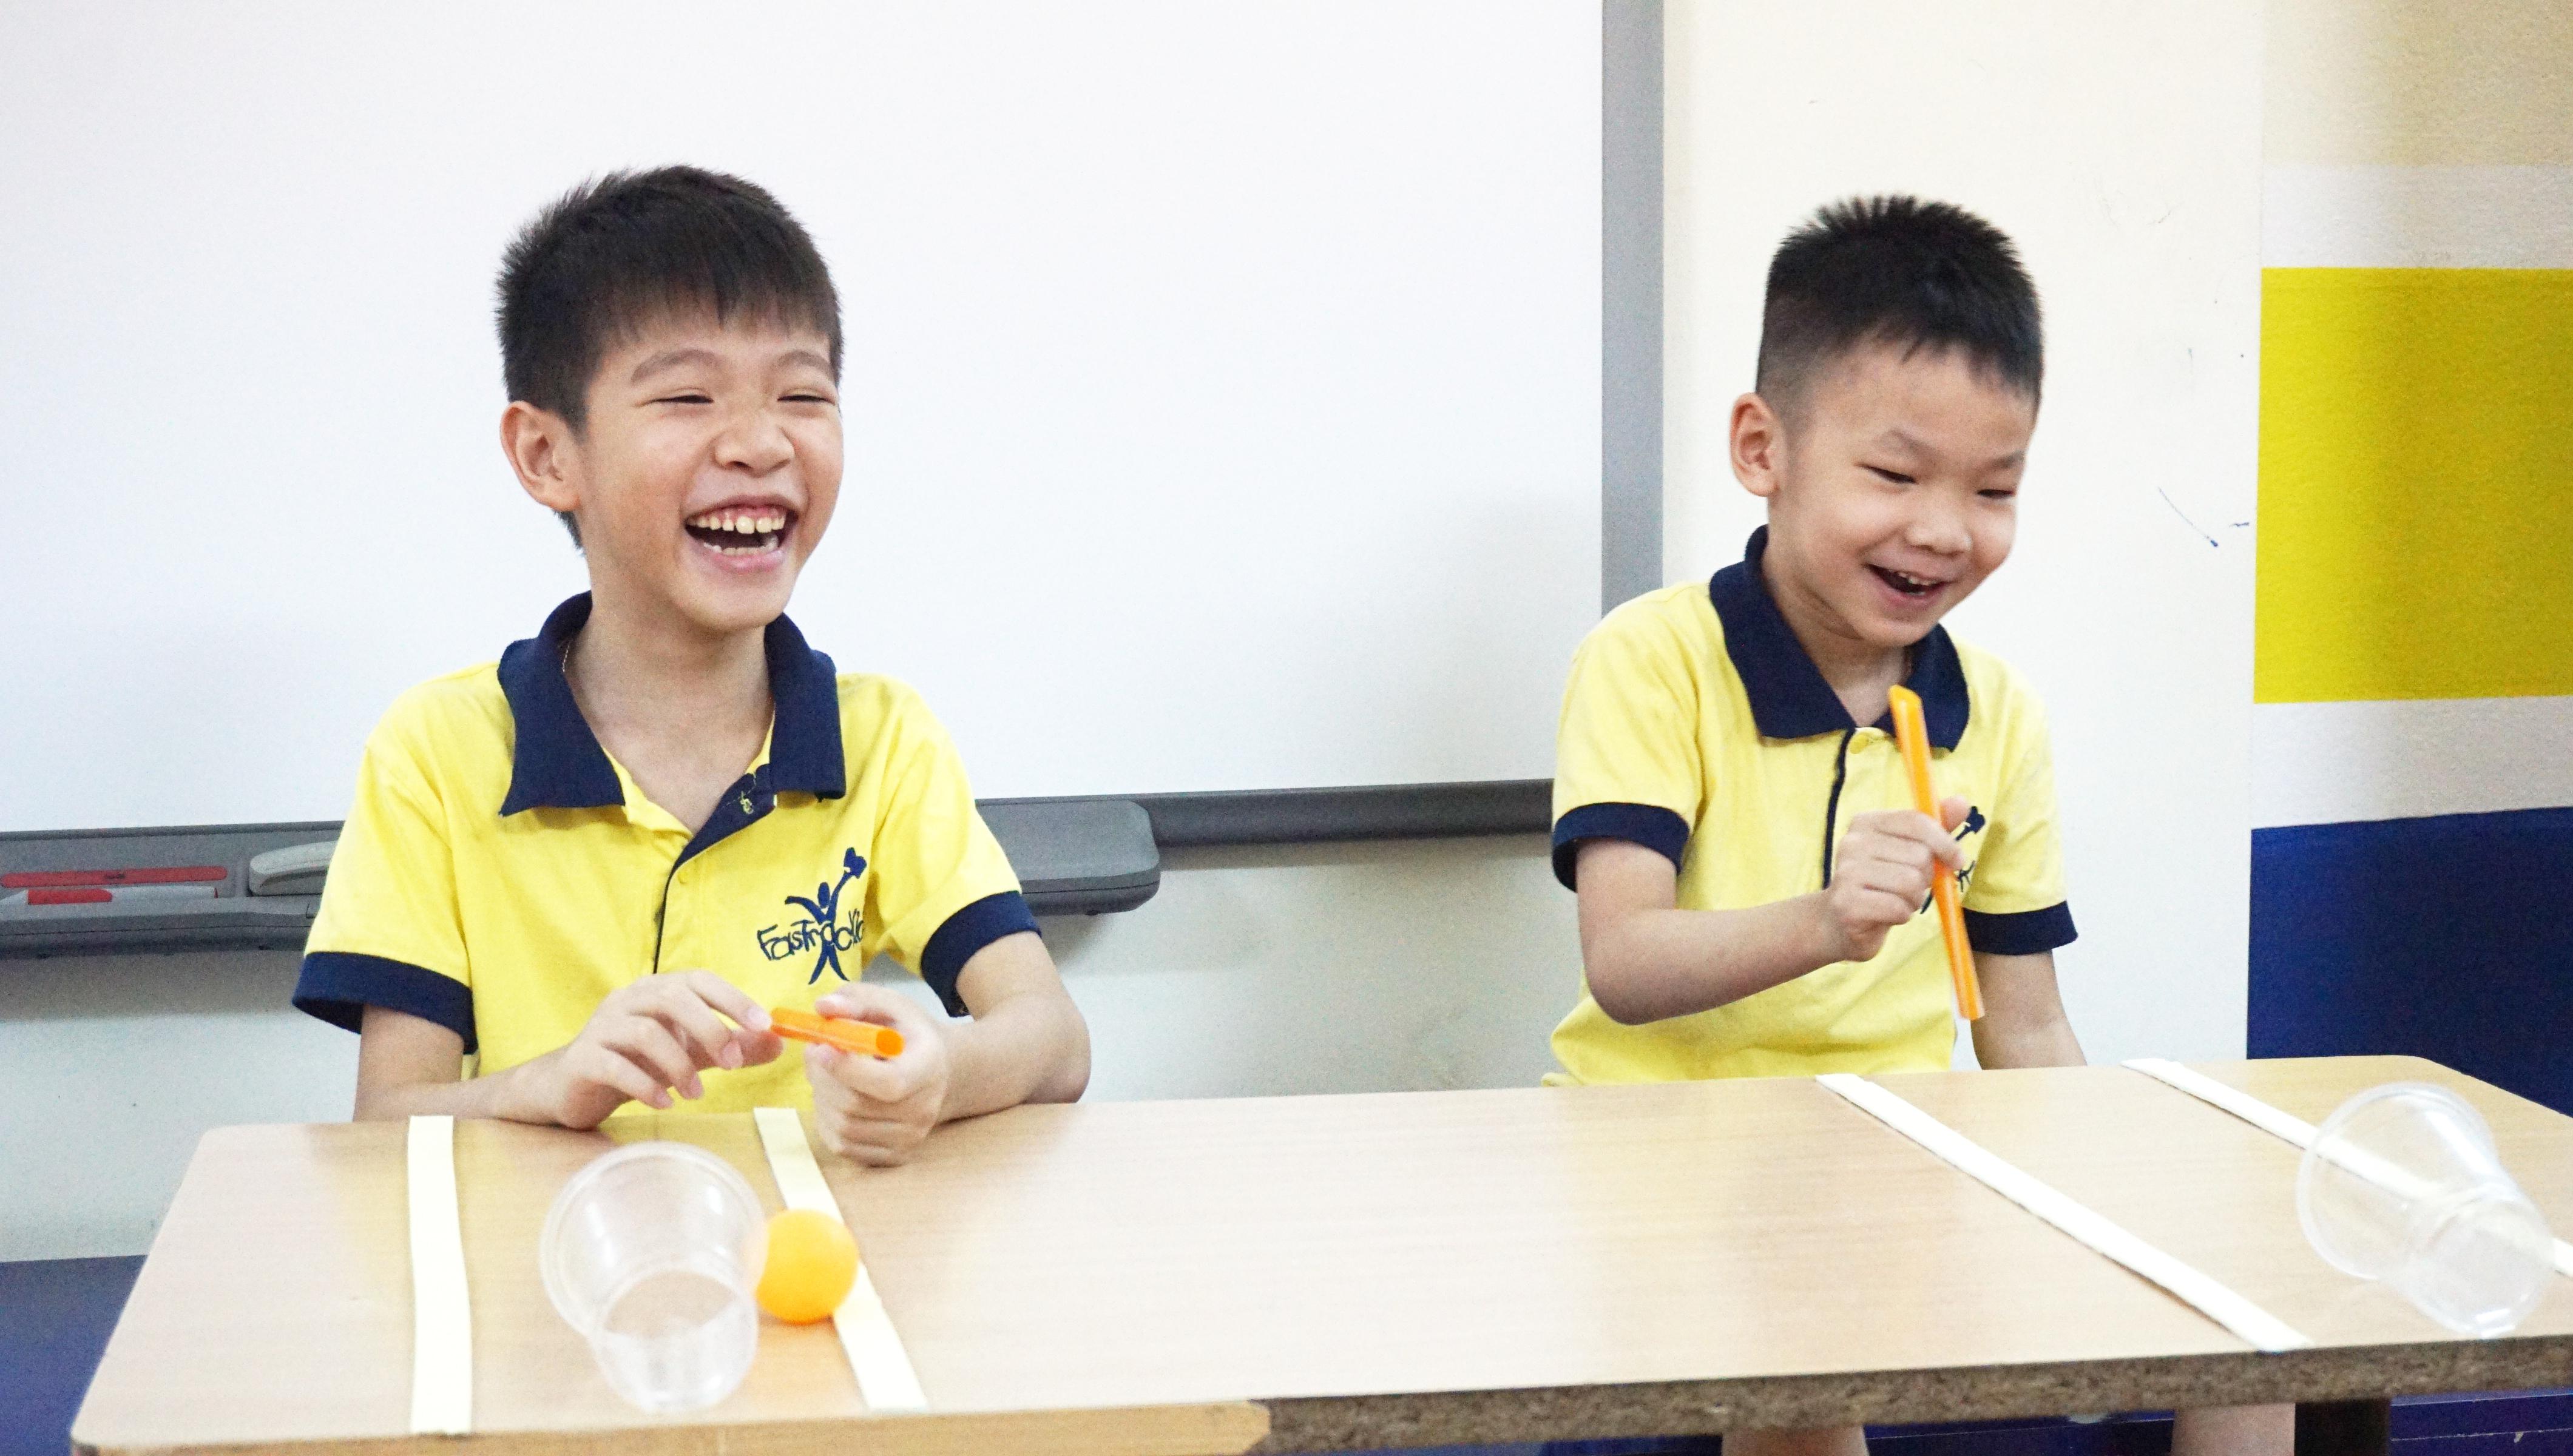 FasTracKids chương trình kỹ năng sống tốt nhất cho trẻ em